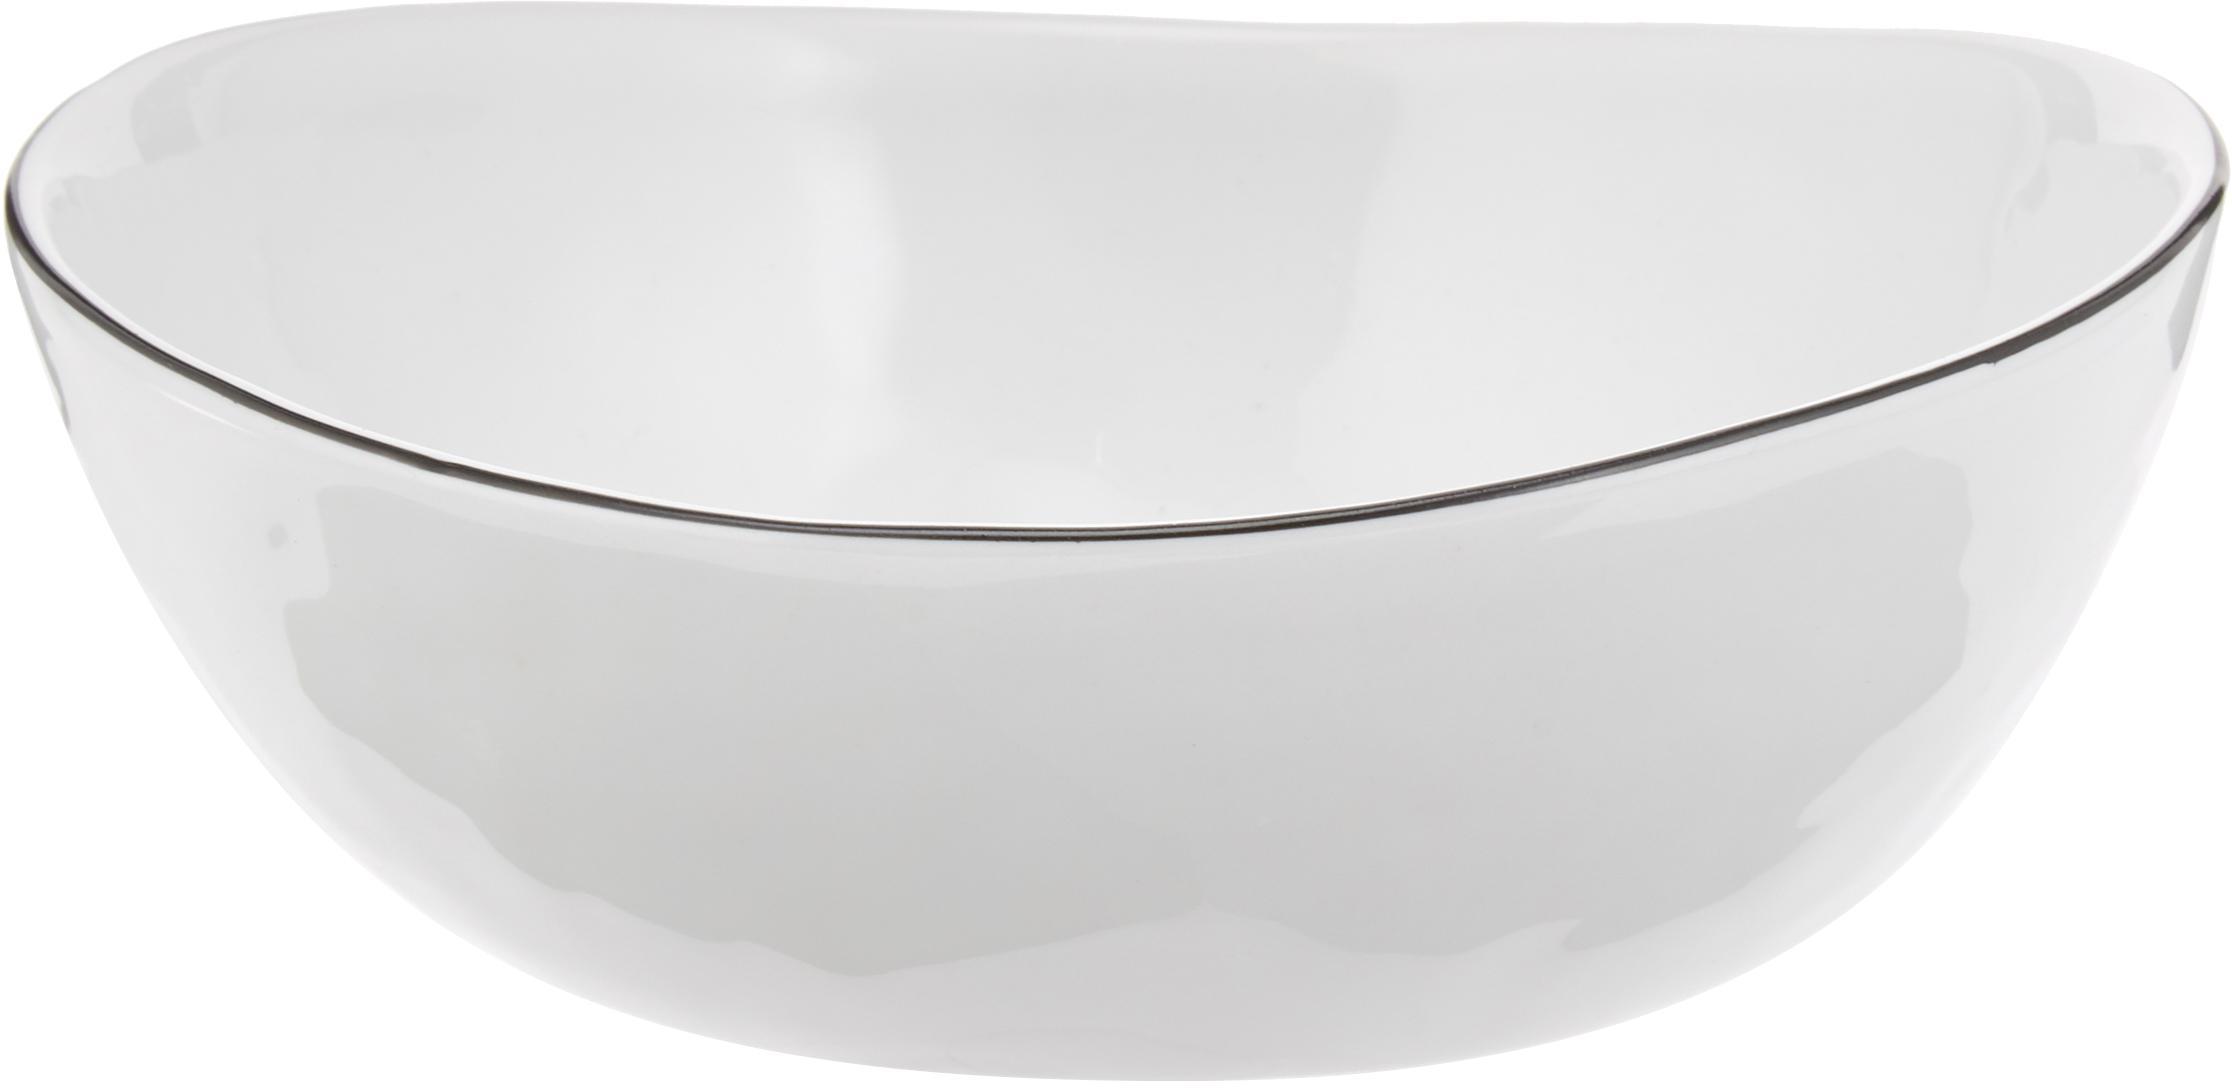 Handgemachte Schälchen Salt Ø 17 cm mit schwarzem Rand, 4 Stück, Porzellan, Gebrochenes Weiß, Schwarz, B 17 x T 15 cm